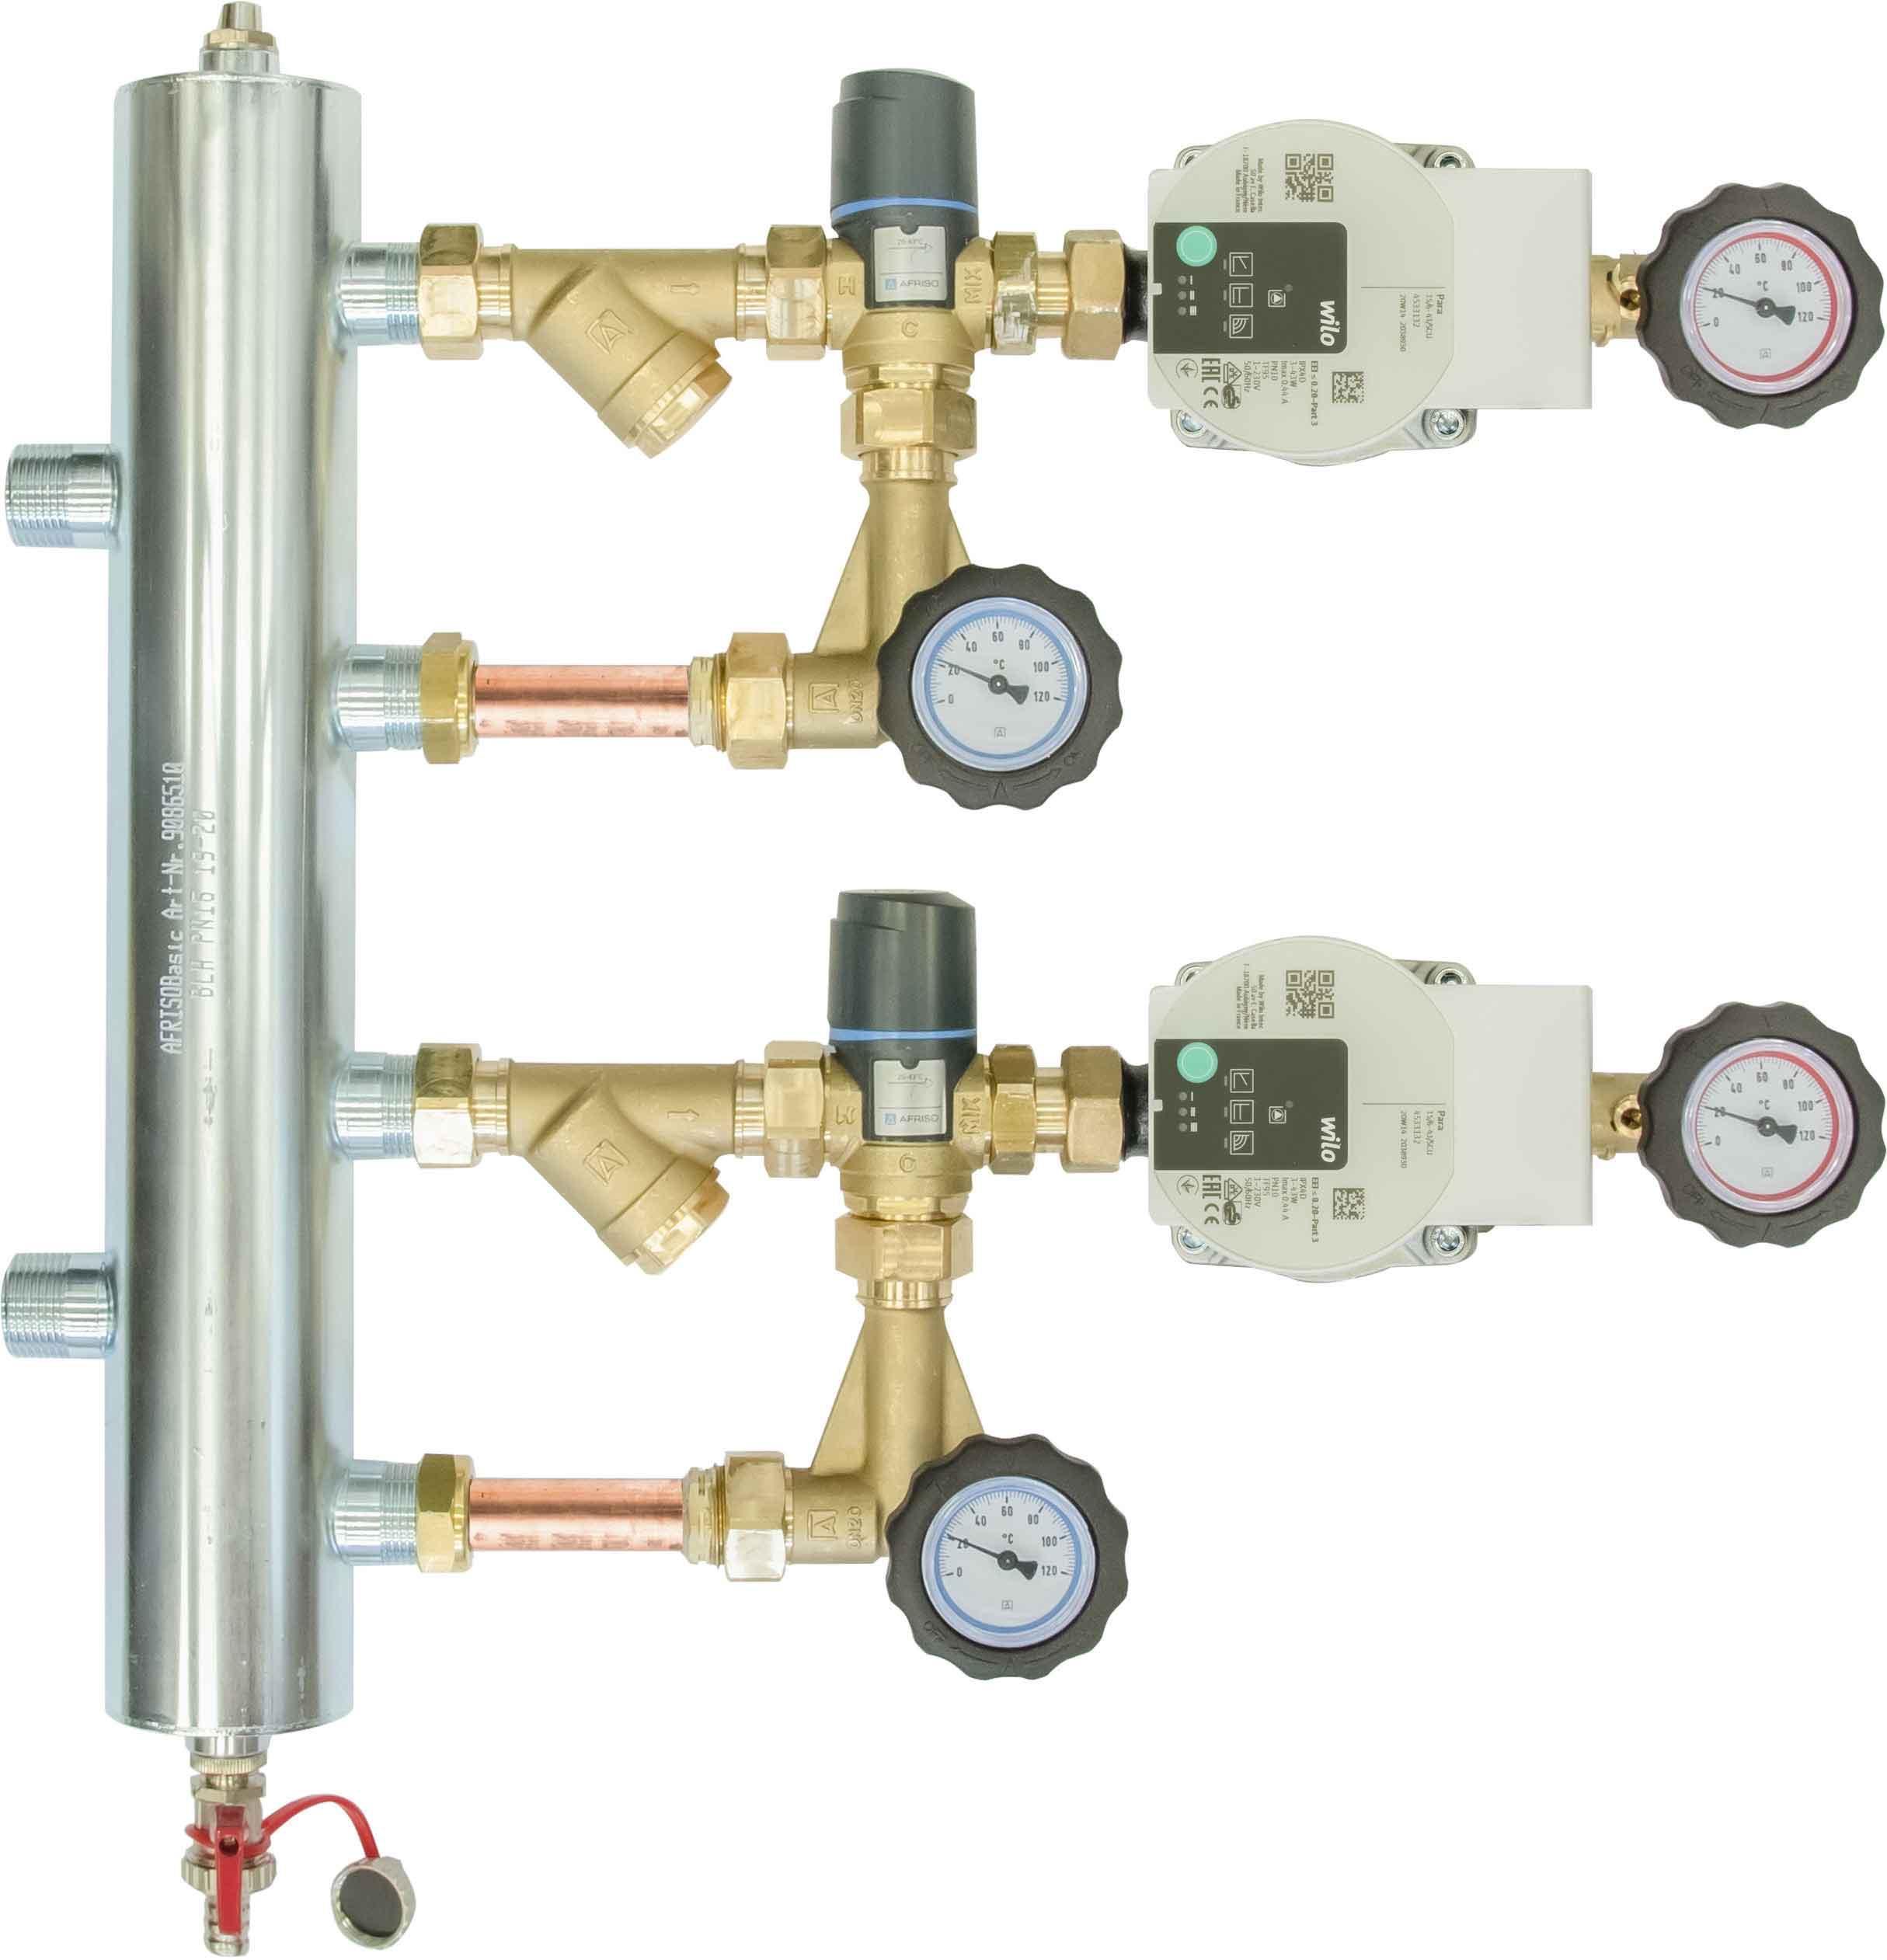 Zestaw mieszający ze sprzęgłem hydraulicznym BPS 922, dwa człony z zaworem termostatycznym ATM 561, pompy Wilo Para SC